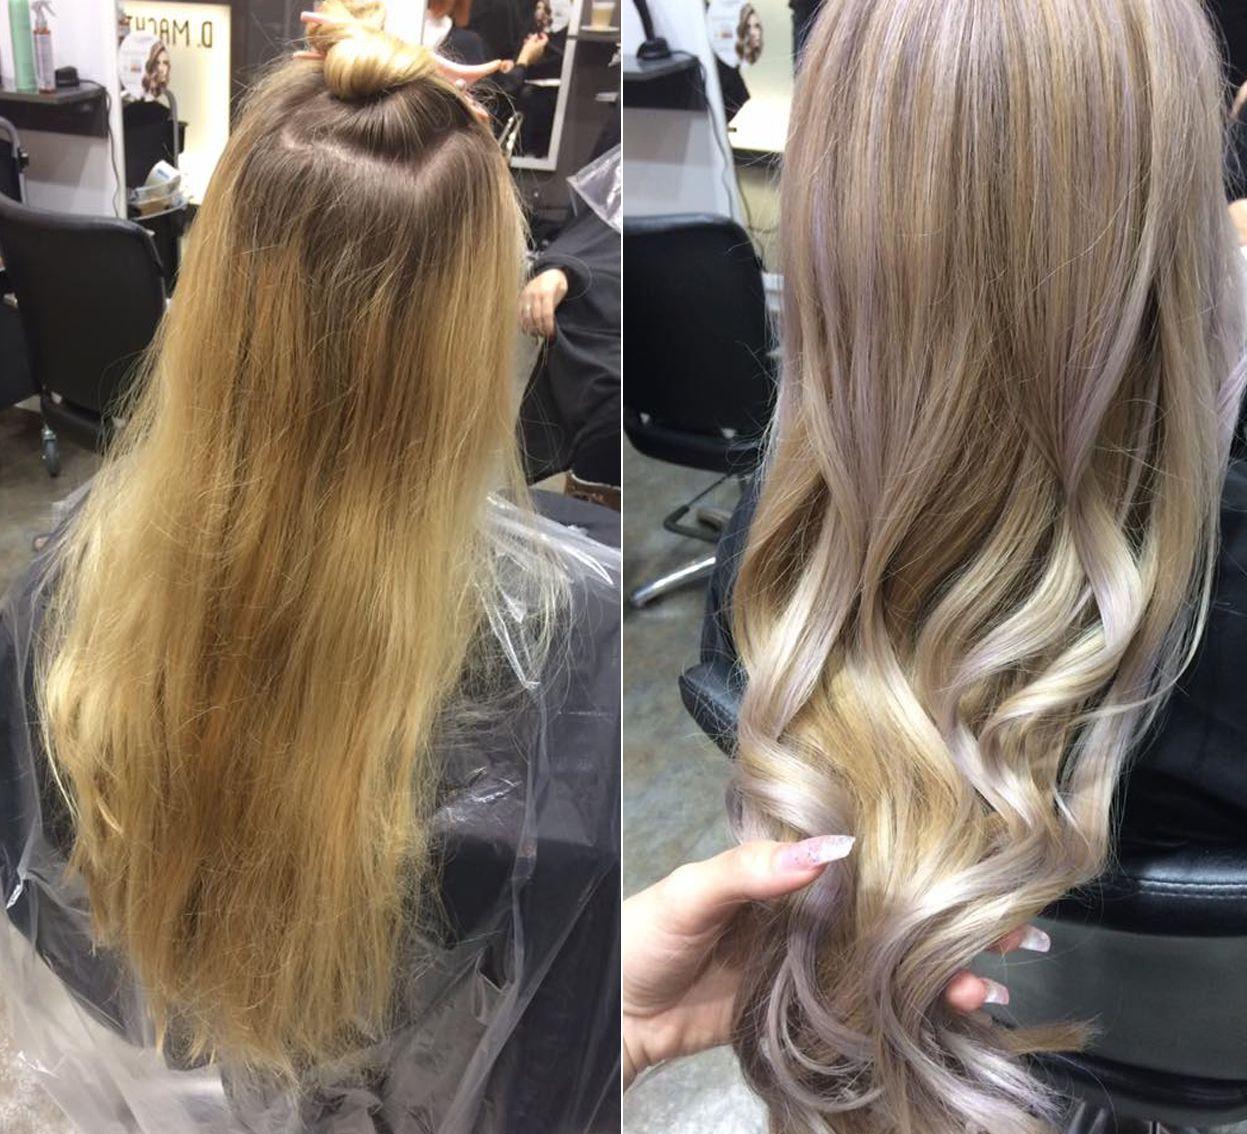 Frisuren Vorher Nachher Kreative Haarfarben Pastell Haare